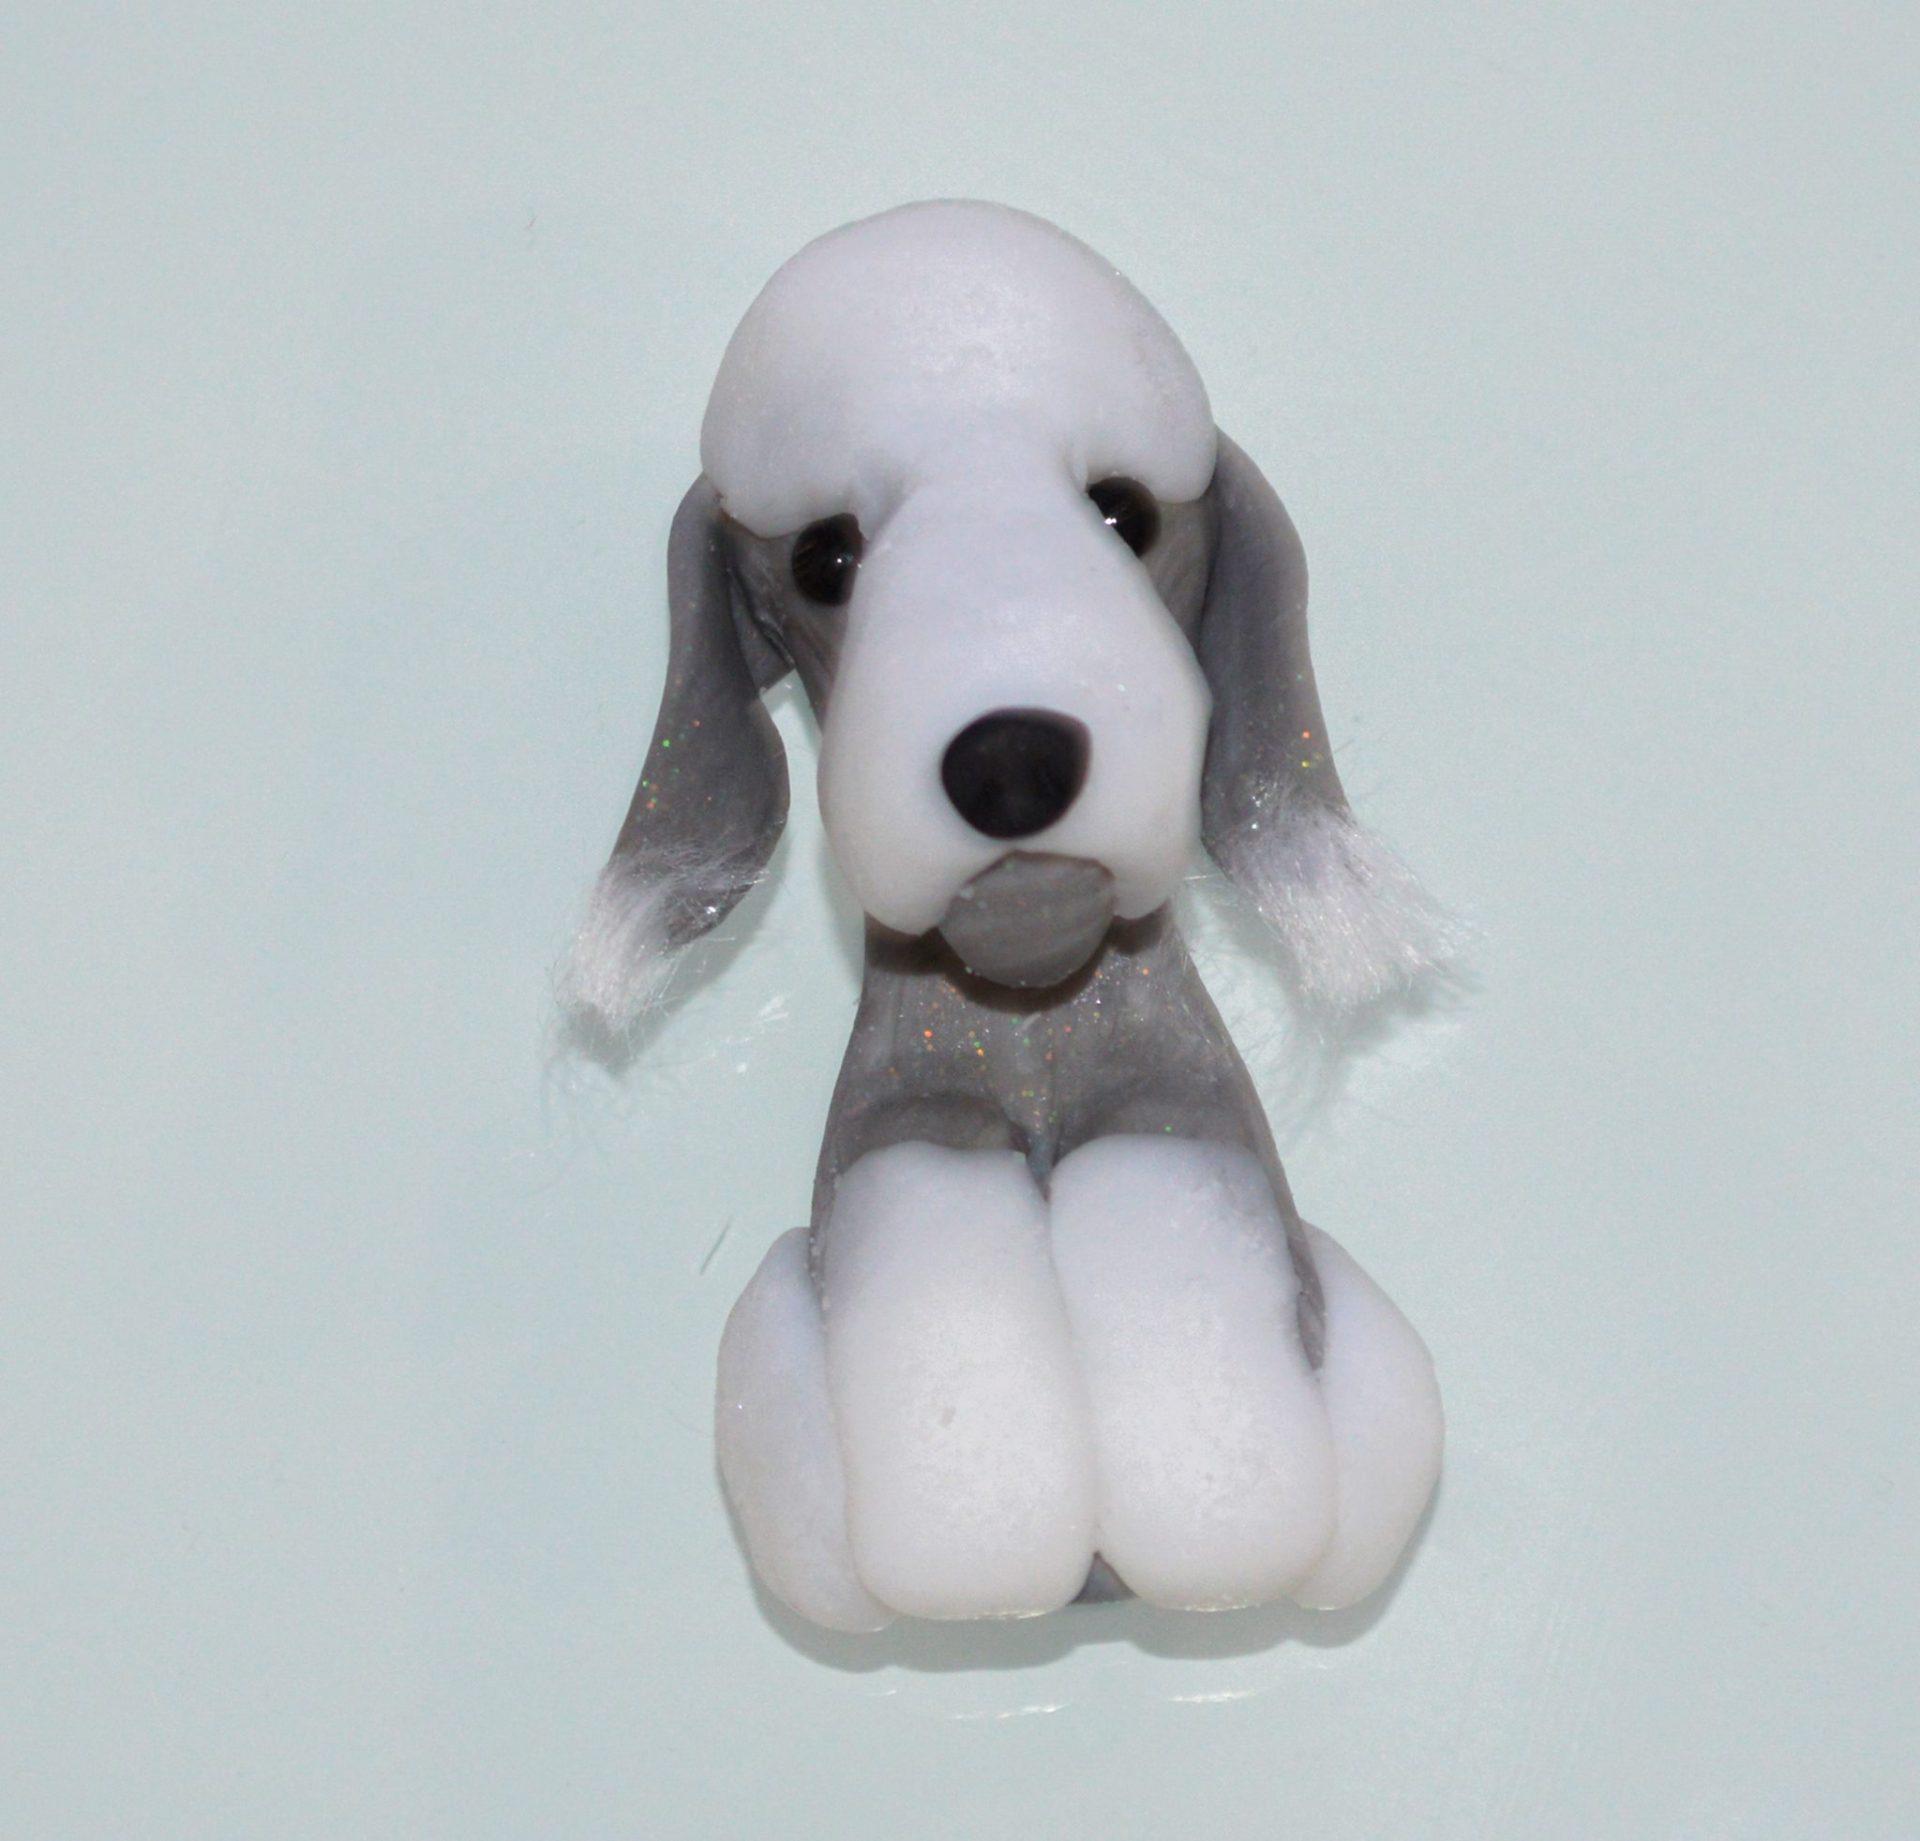 Bedlington Terrier - Fridge Magnet - Odd Bulls & Friends